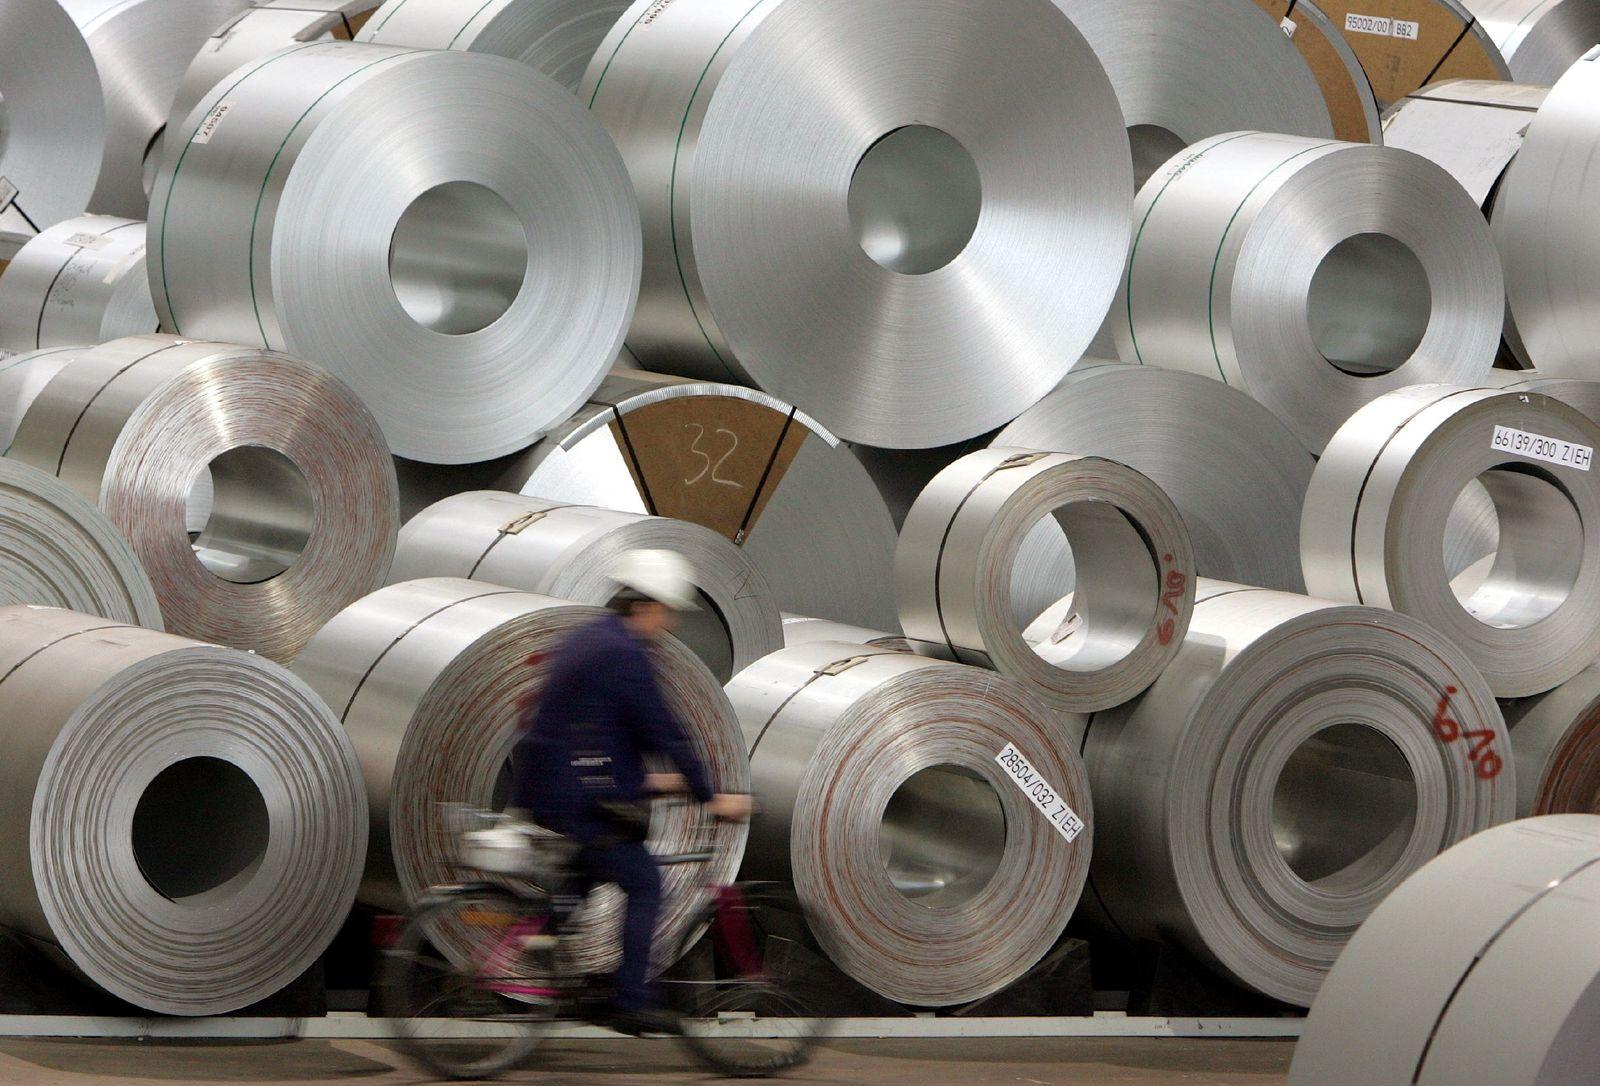 Industrie klagt über hohe Stahlpreise